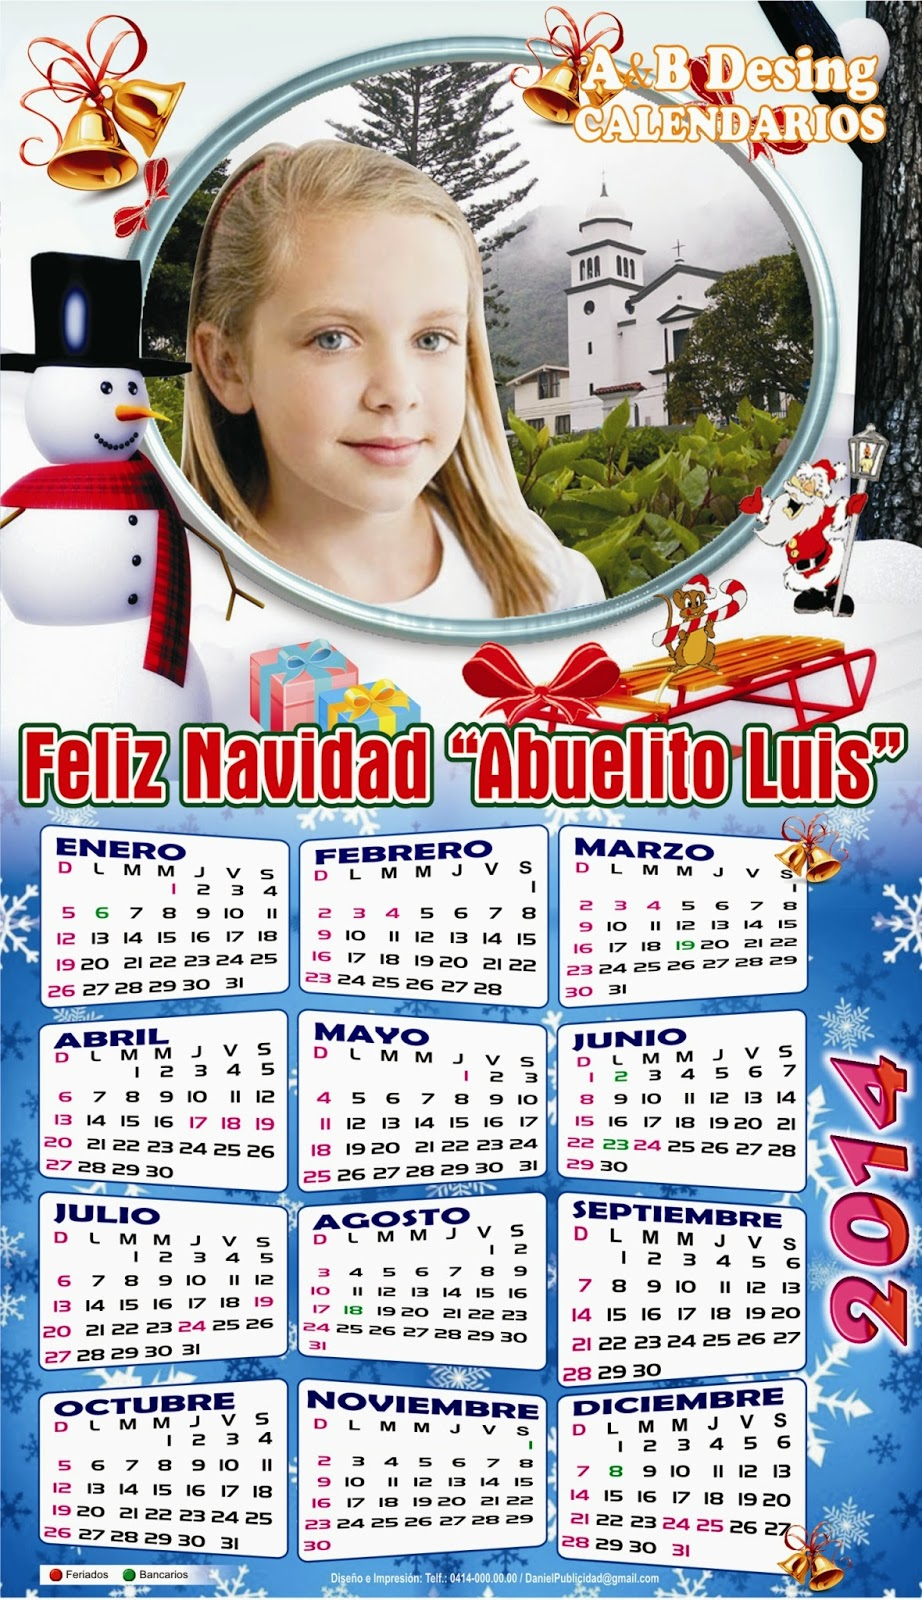 Calendarios personalizados - Calendarios navidenos personalizados ...